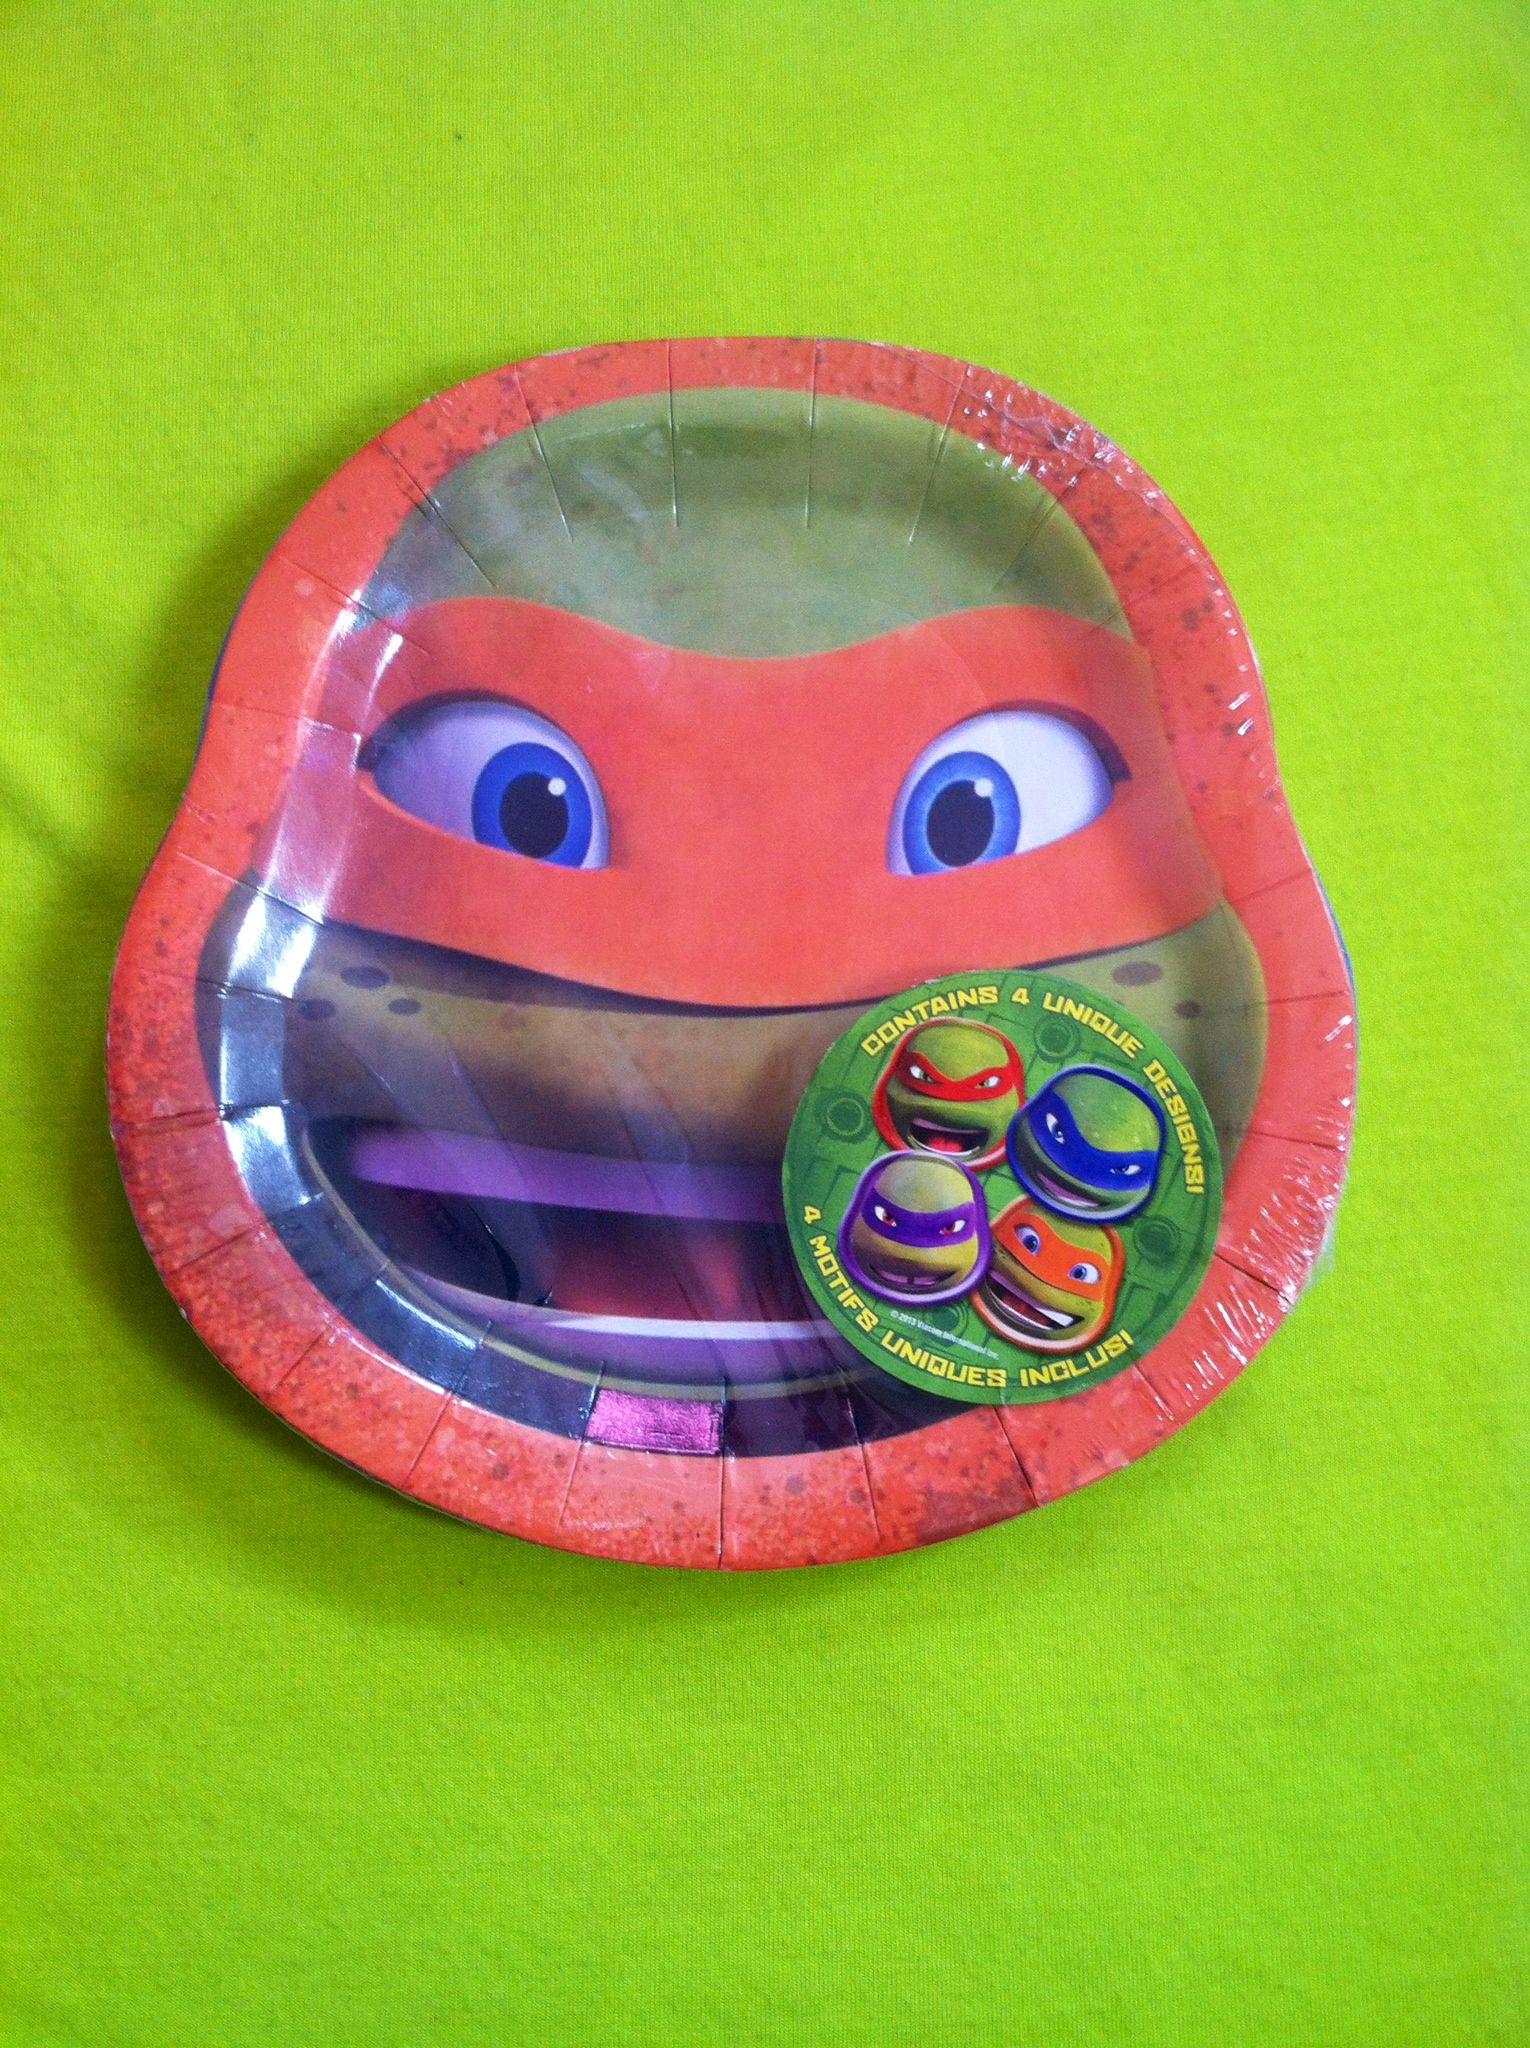 8 TMNT Teenage Mutant Ninja Turtles Cake Plates